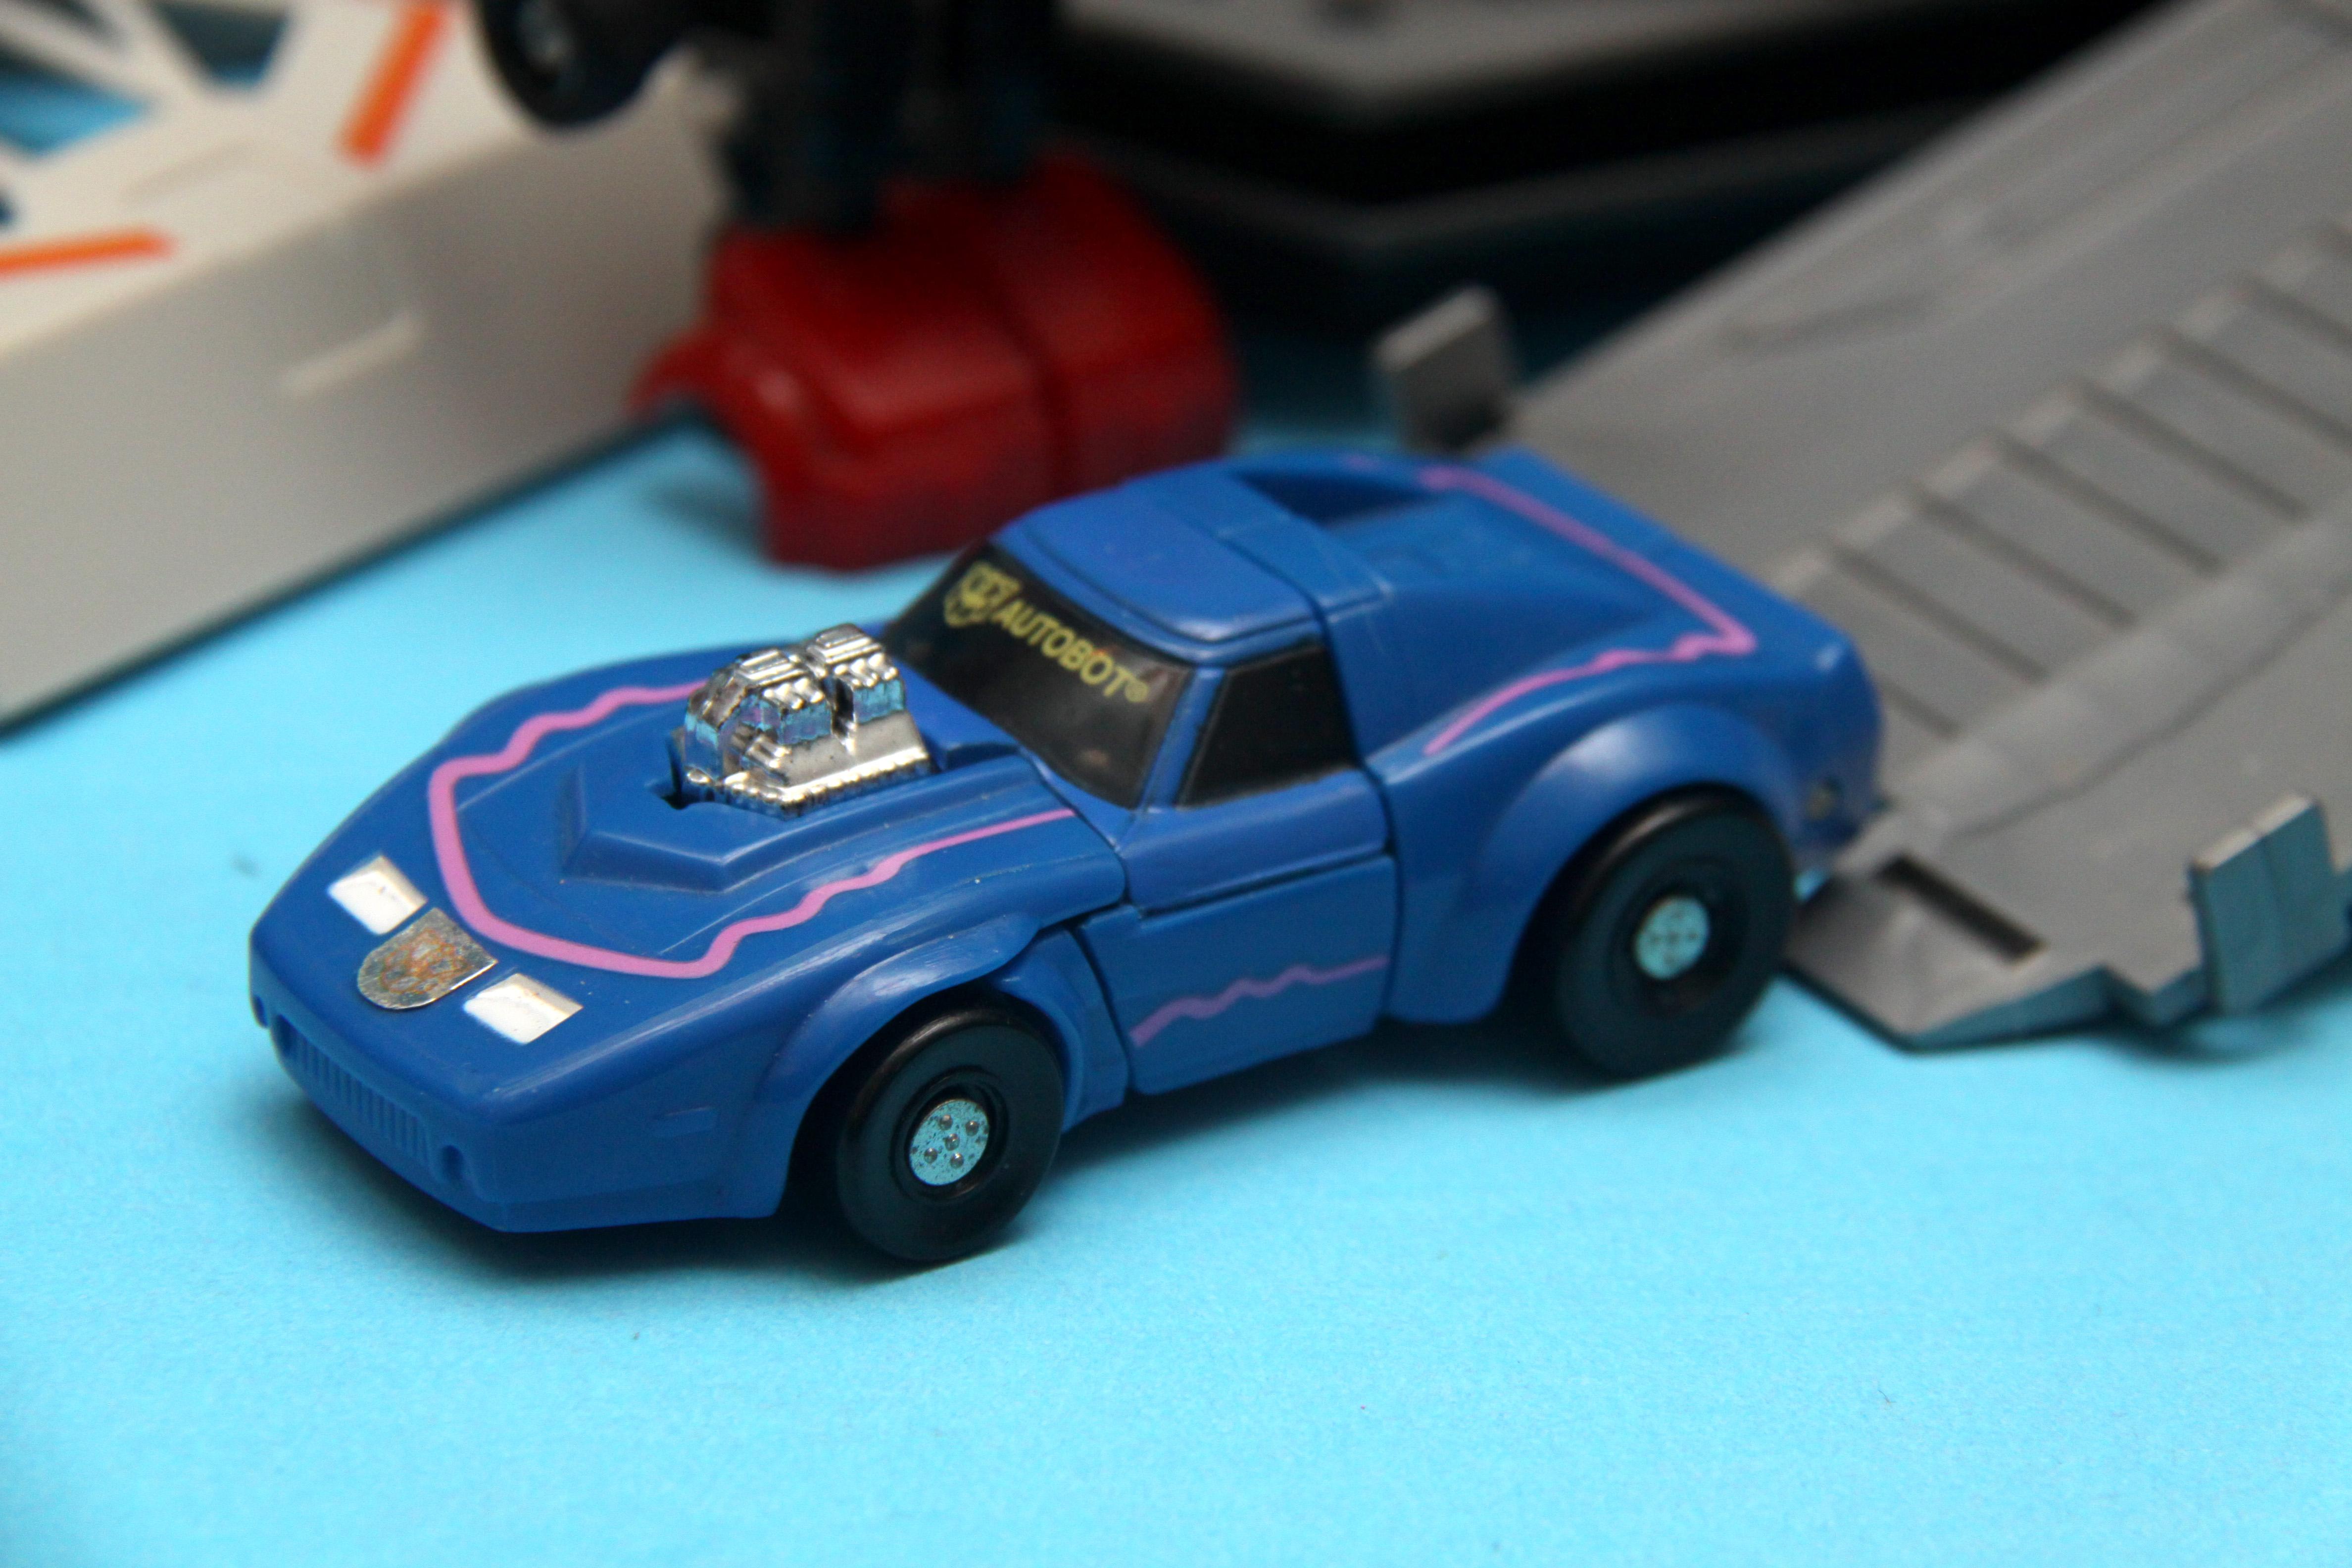 1993 Transformers Generation 2 Skram